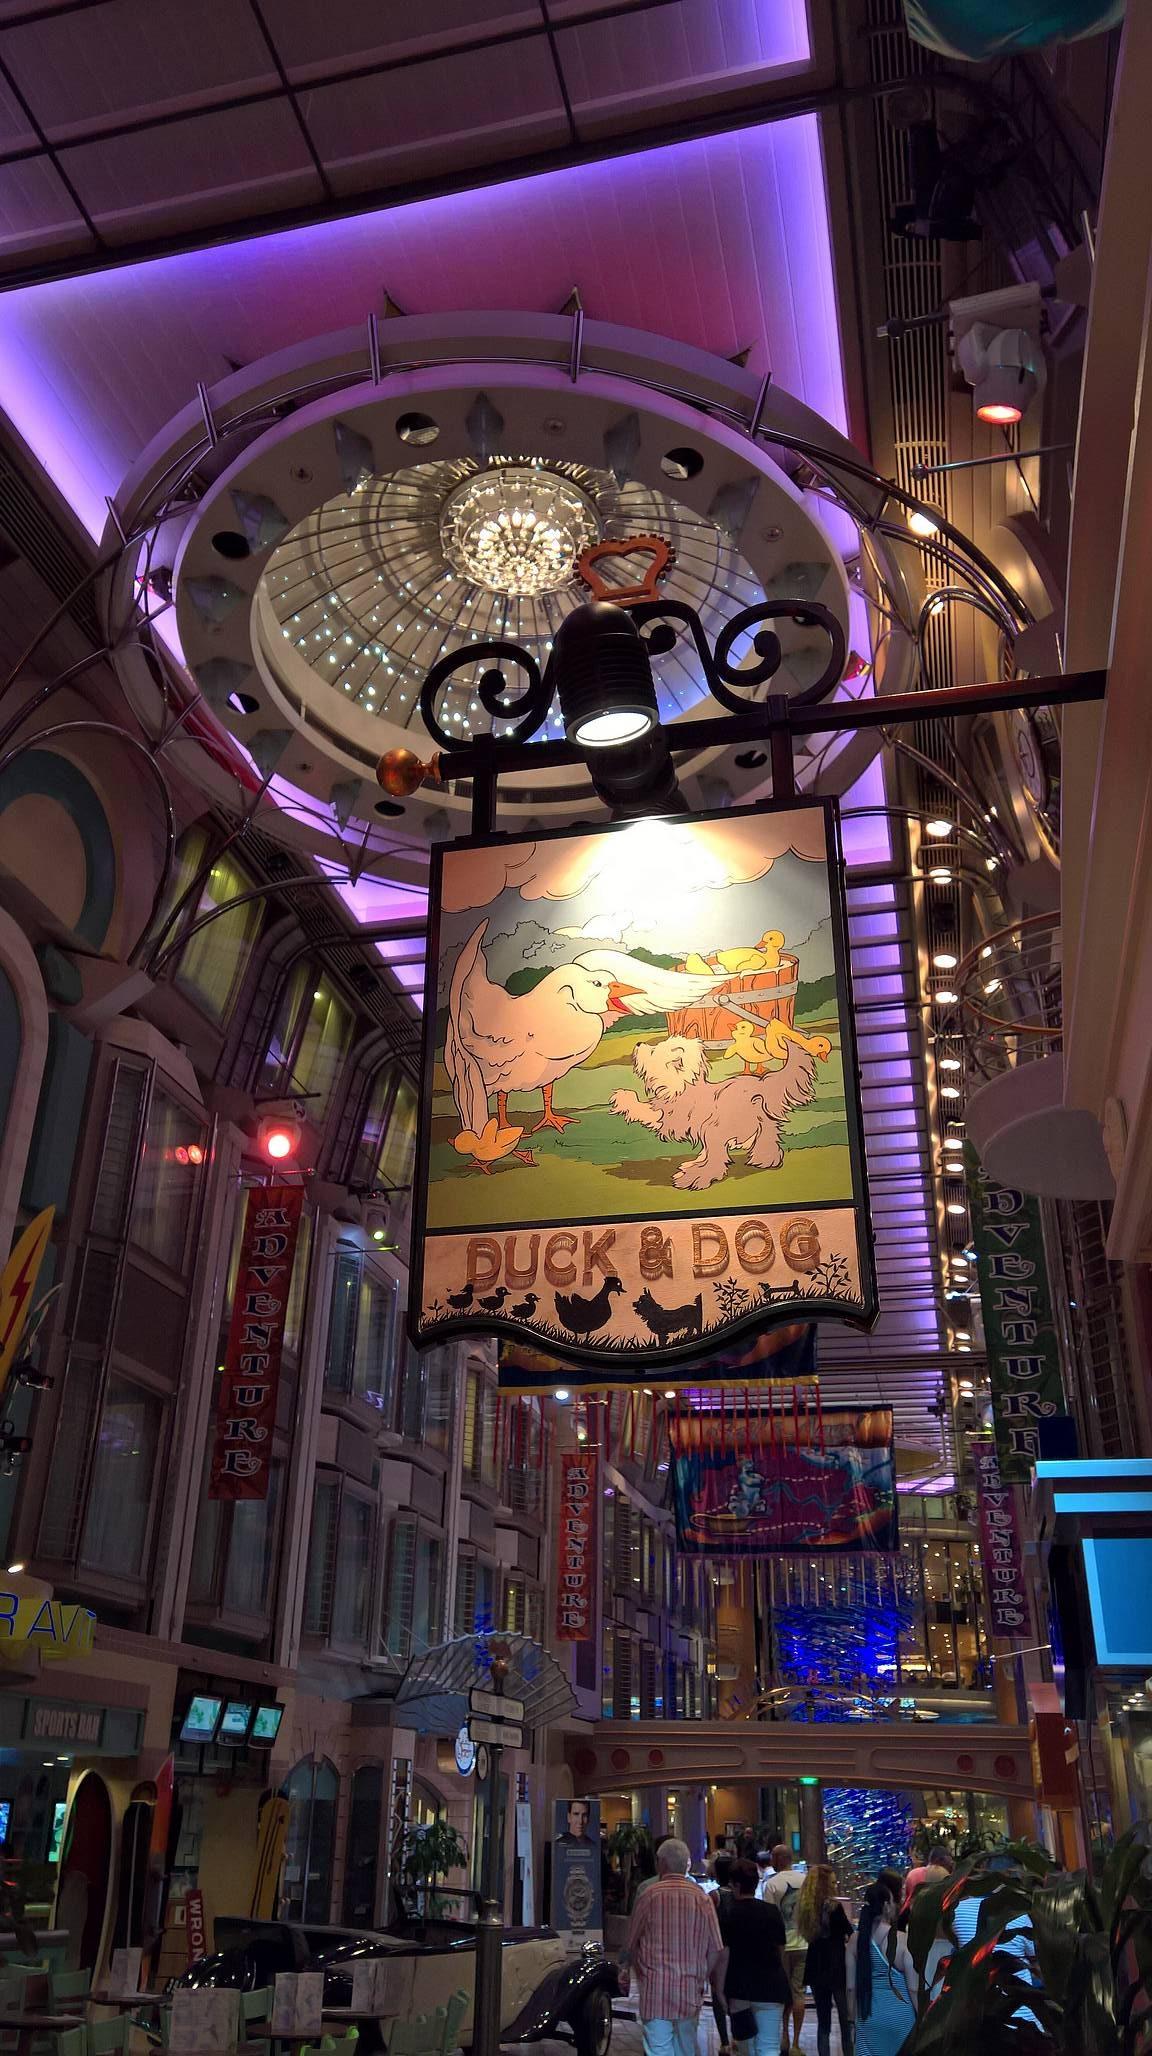 The Duck & Dog Pub sijaitsi keskeisellä paikalla laivan promenadella.